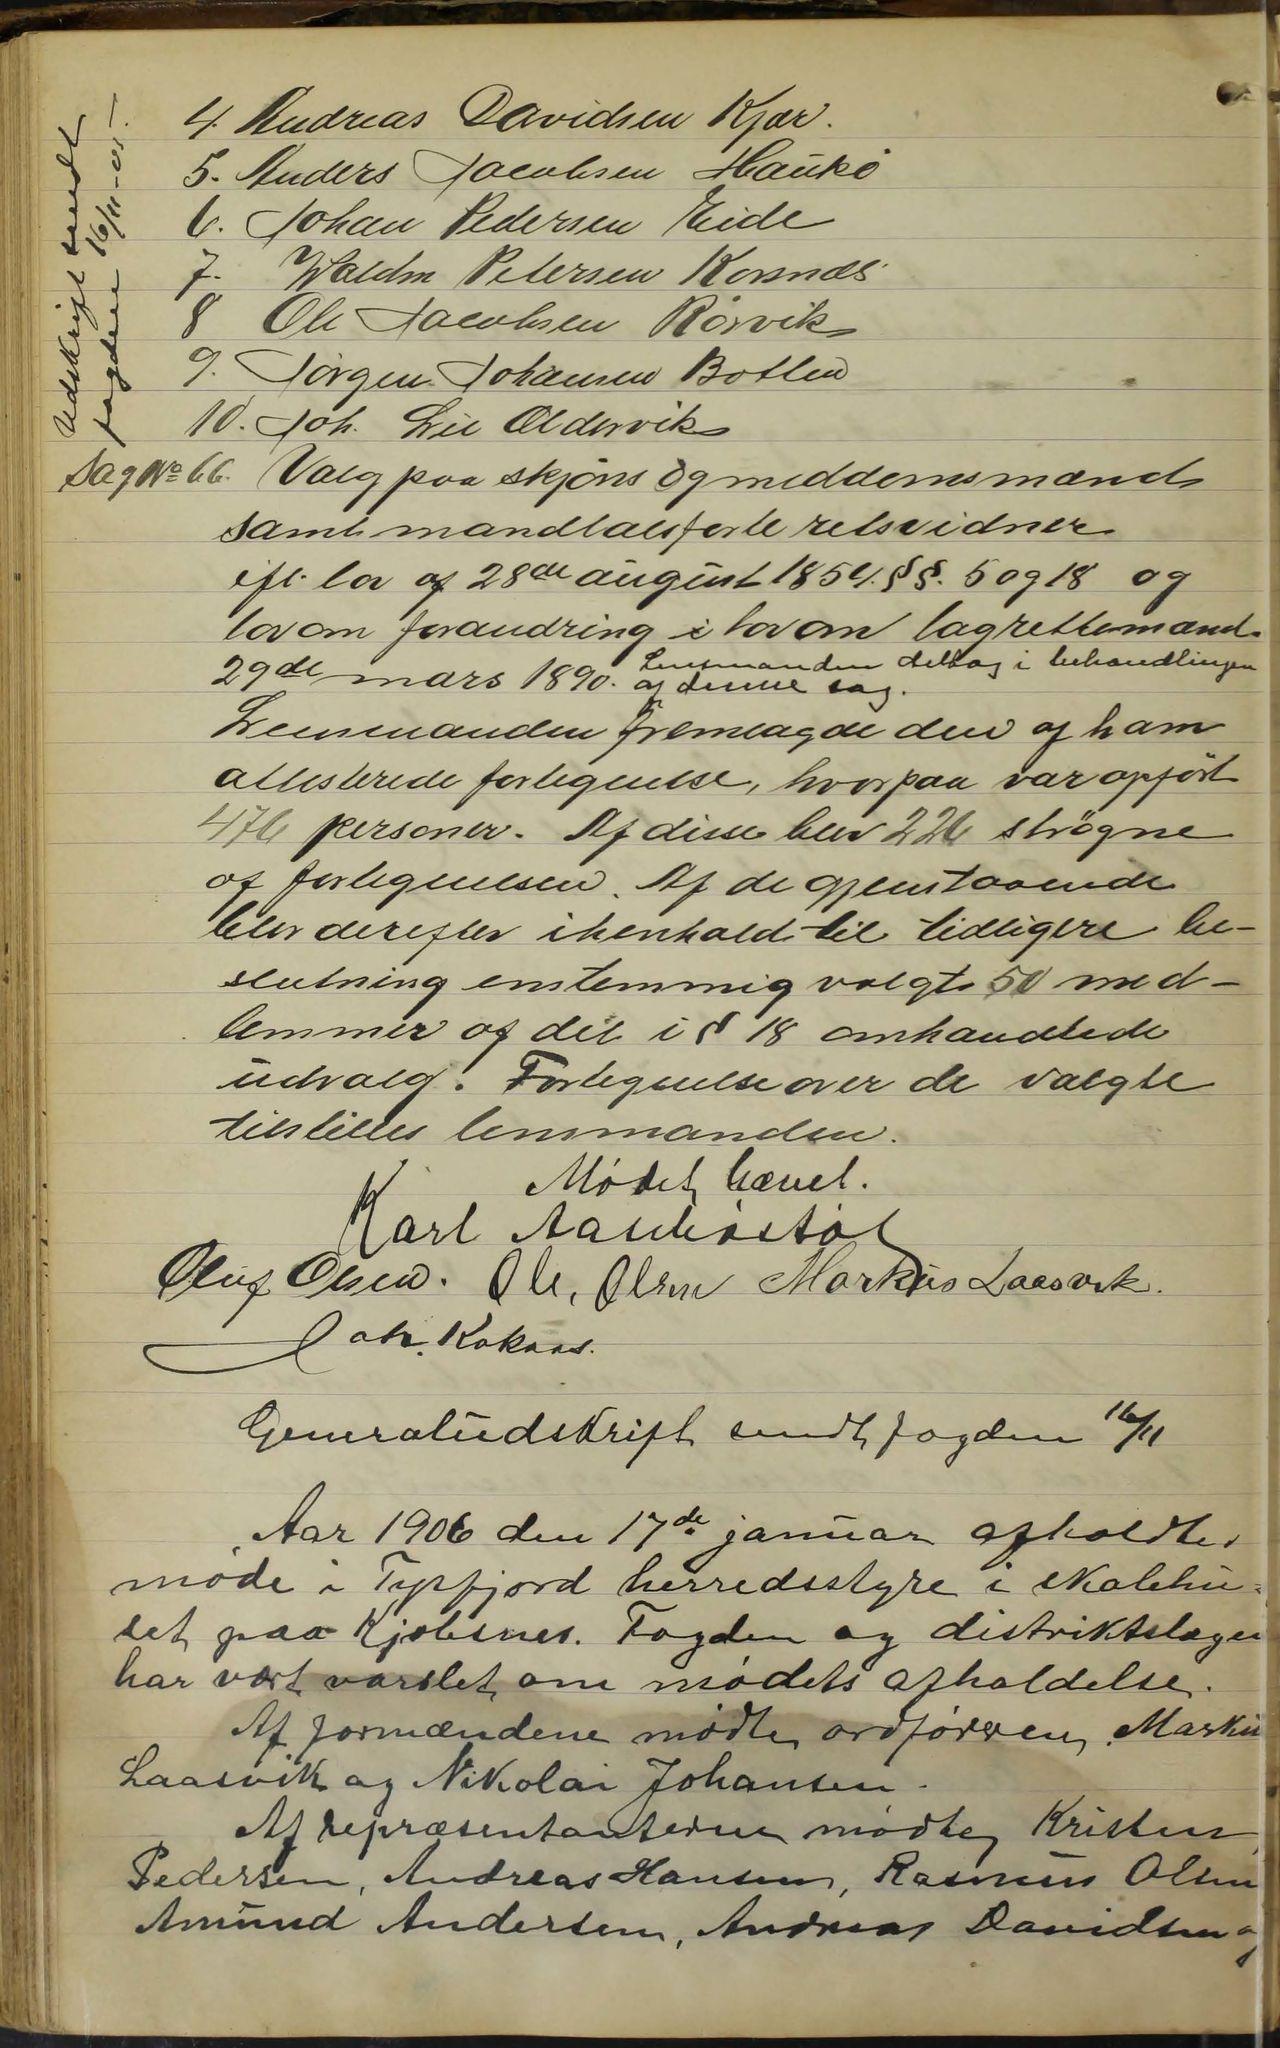 AIN, Tysfjord kommune. Formannskapet, 100/L0002: Forhandlingsprotokoll for Tysfjordens formandskap, 1895-1912, p. 145b